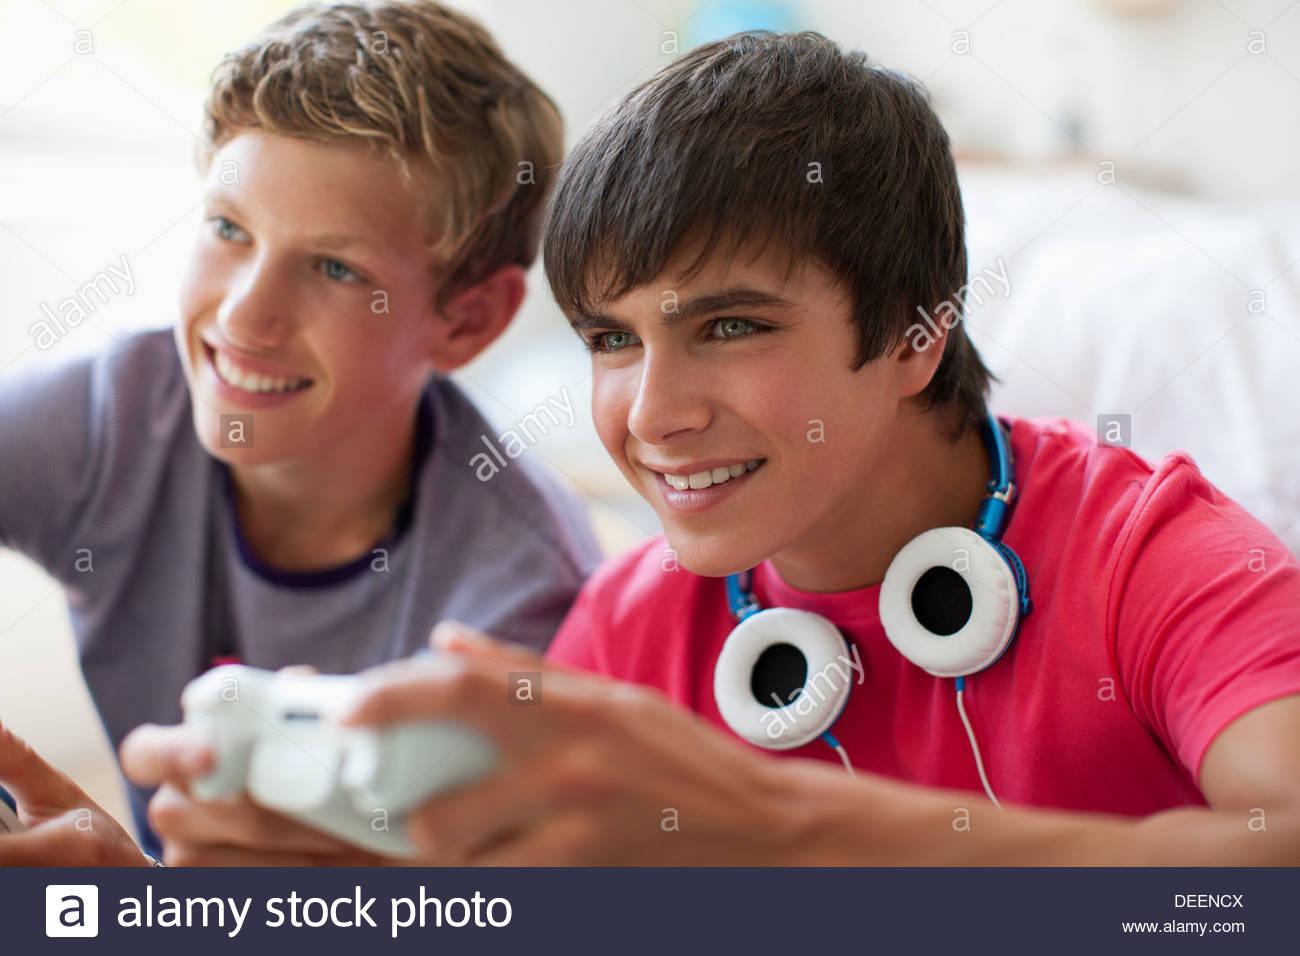 Sonrientes muchachos adolescentes jugando juegos de video Imagen De Stock